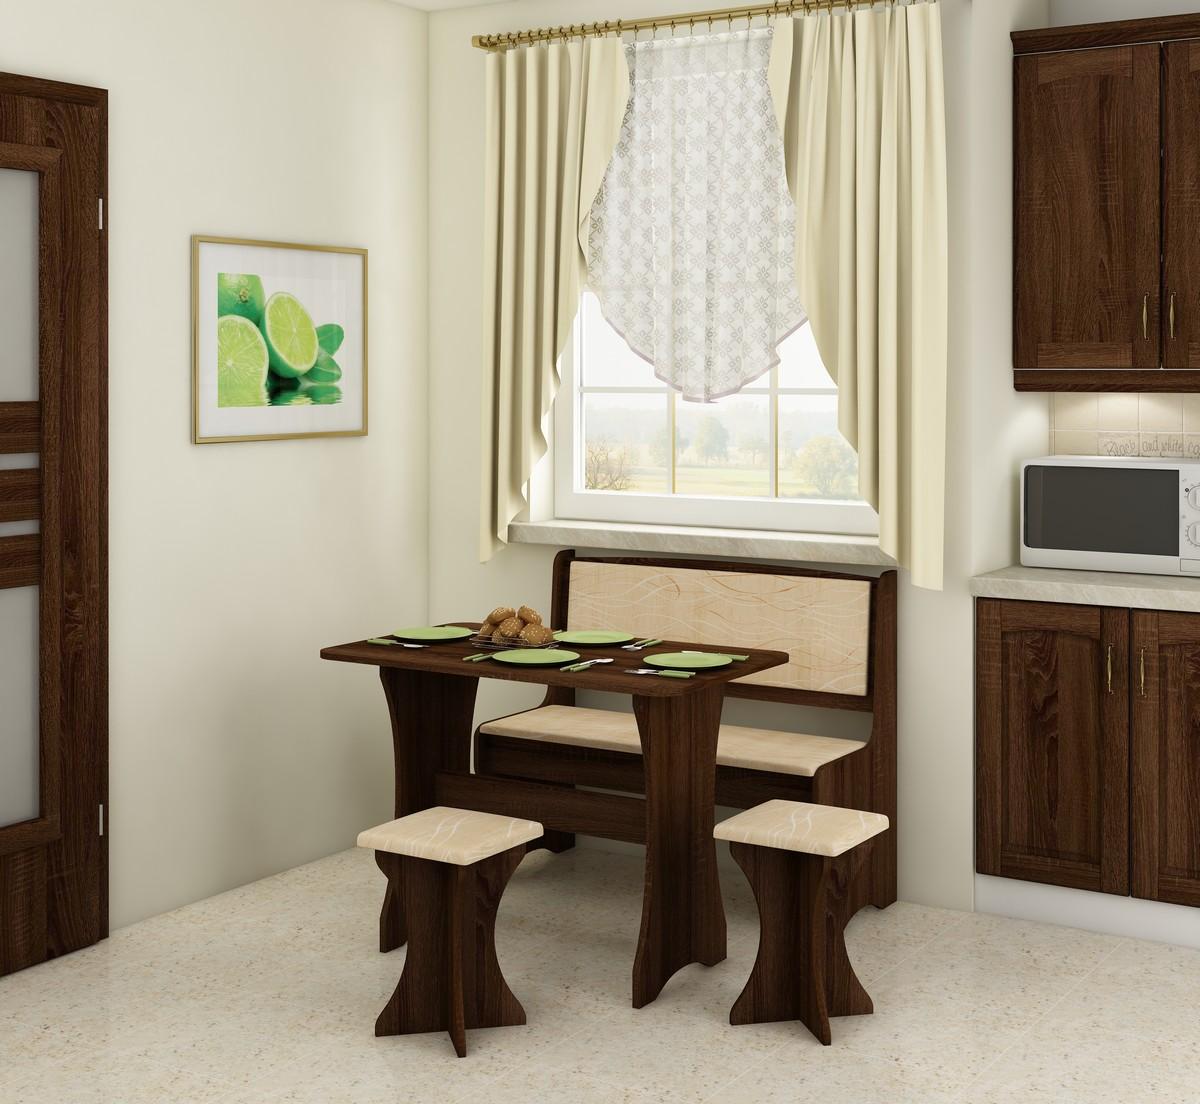 Jedálenský set - WIP - dub sonoma tmavá + monaco (s taburetkami) (pre 4 osoby). Sme autorizovaný predajca WIP. Vlastná spoľahlivá doprava až k Vám domov.